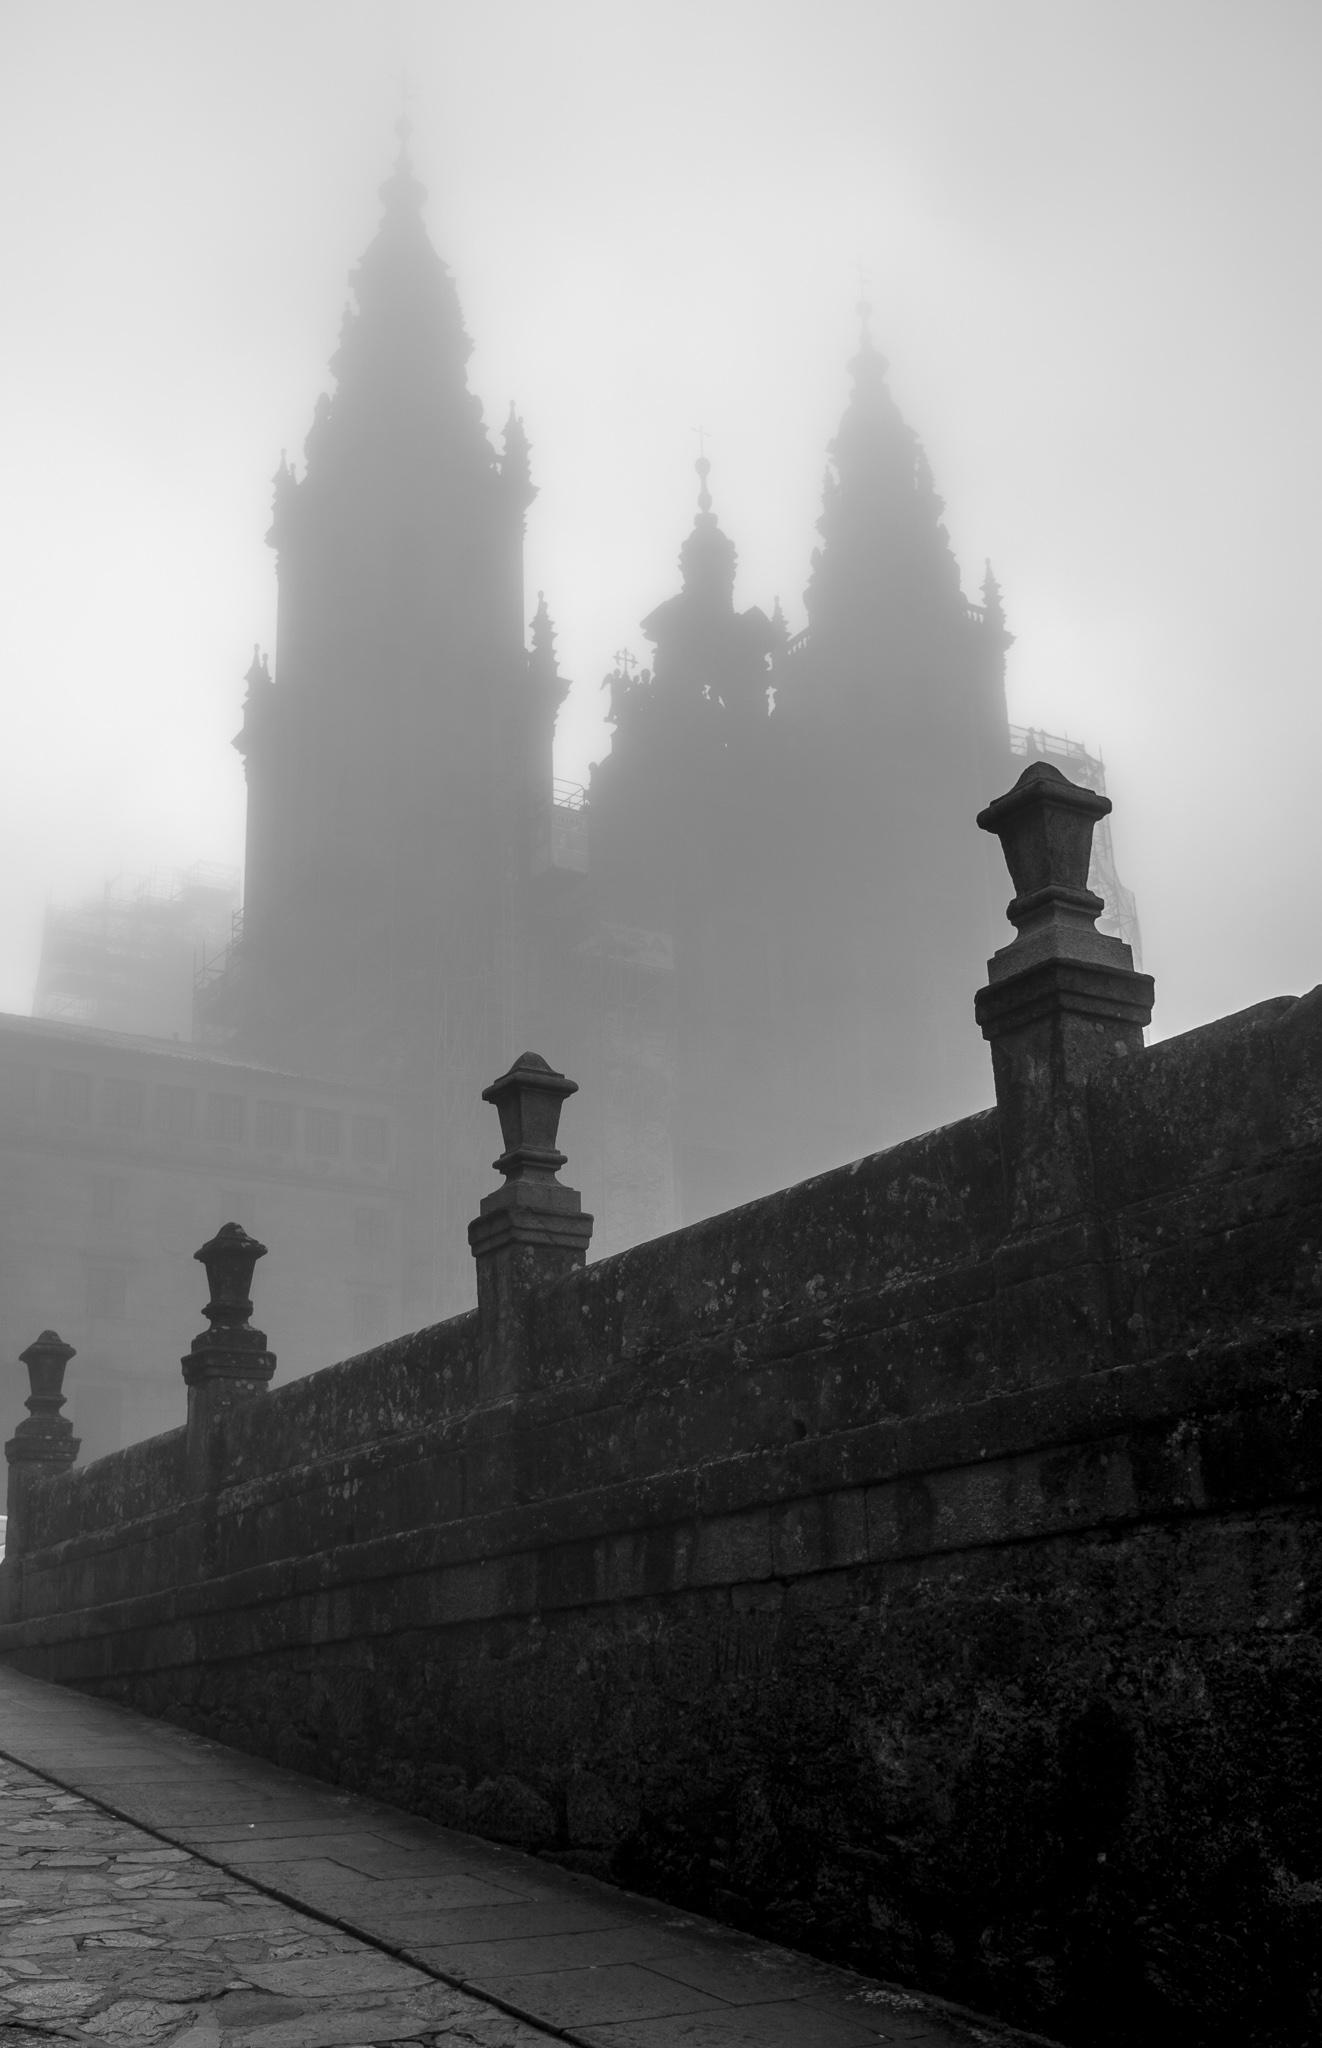 A Catedral de Santiago de Compostela, comezada a construír en 1075, é un dos templos máis coñecidos e admirados do mundo, non só polo seu patrimonio arquitectónico e artístico que conxuga os estilos románico e barroco, senón por ser referencia para os miles de peregrinos que parten cara a ela cada ano. <br><br>A construción do templo, declarado Patrimonio da Humanidade en 1985 e duns 100m de longo e máis de 70m de altura, completouse aproximadamente cara ao ano 1200.